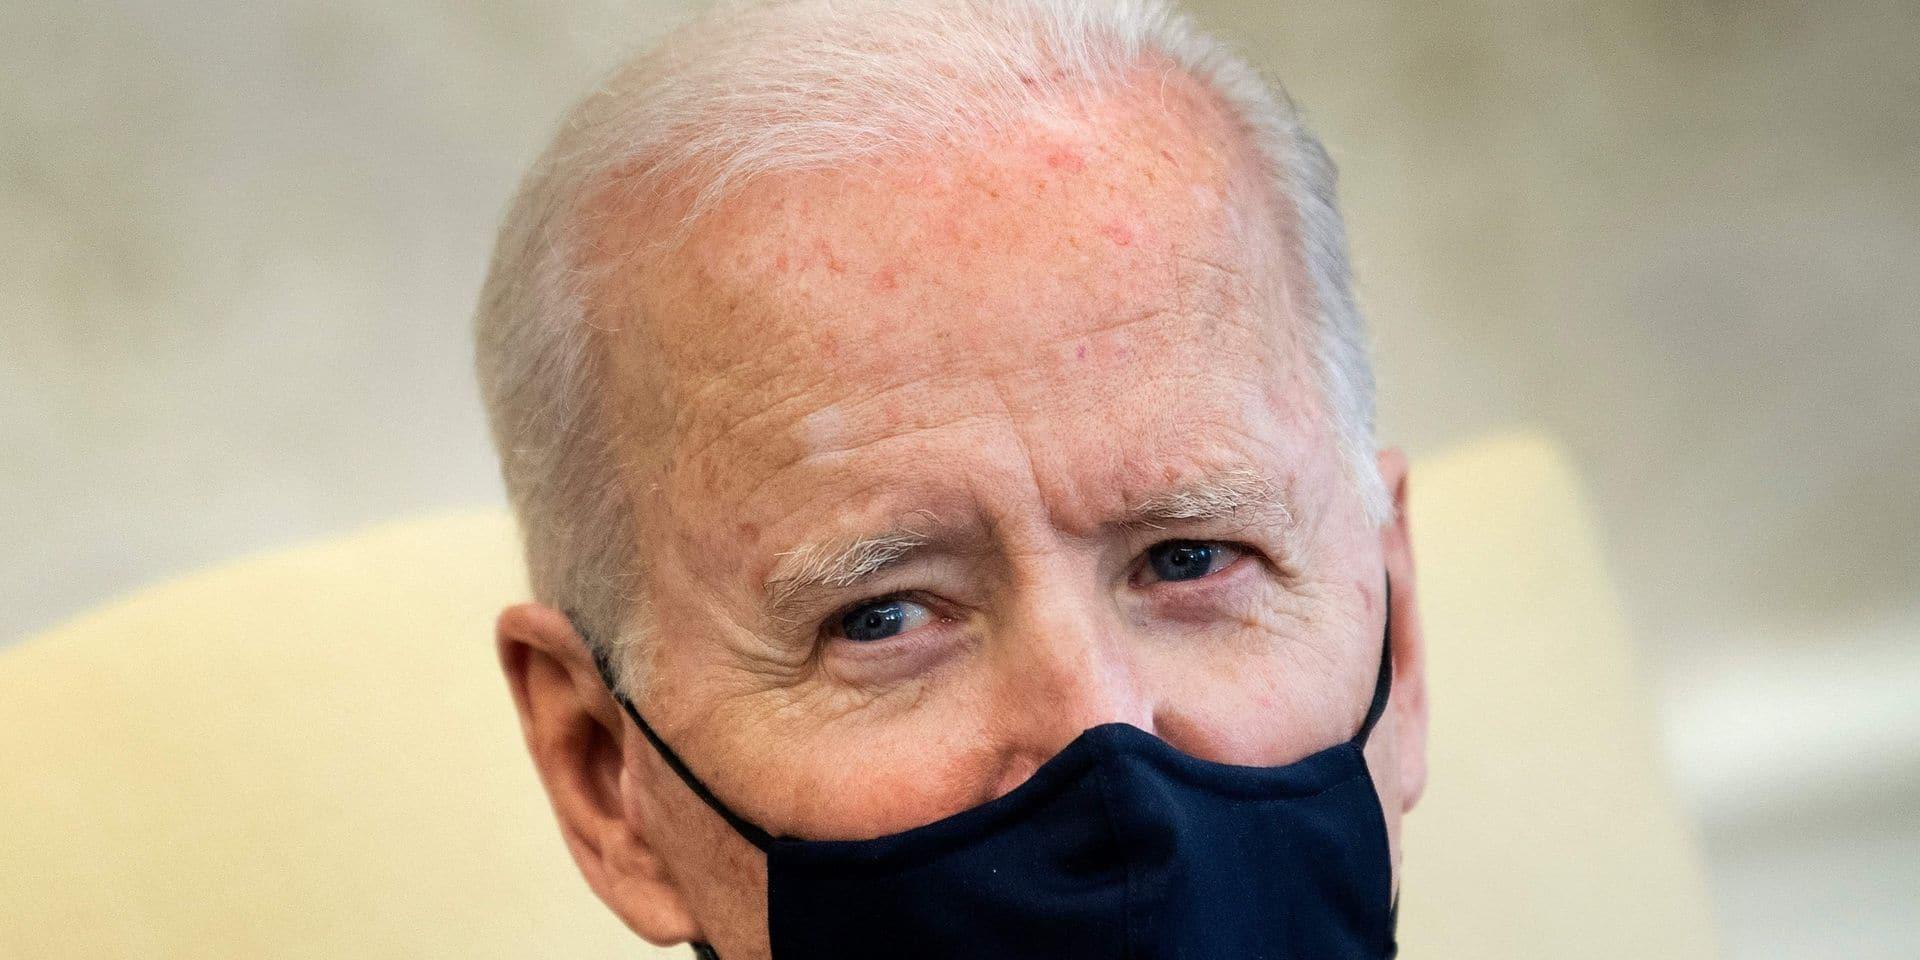 Ménages, collectivités, entreprises... voici le plan de Biden pour relancer l'économie américaine